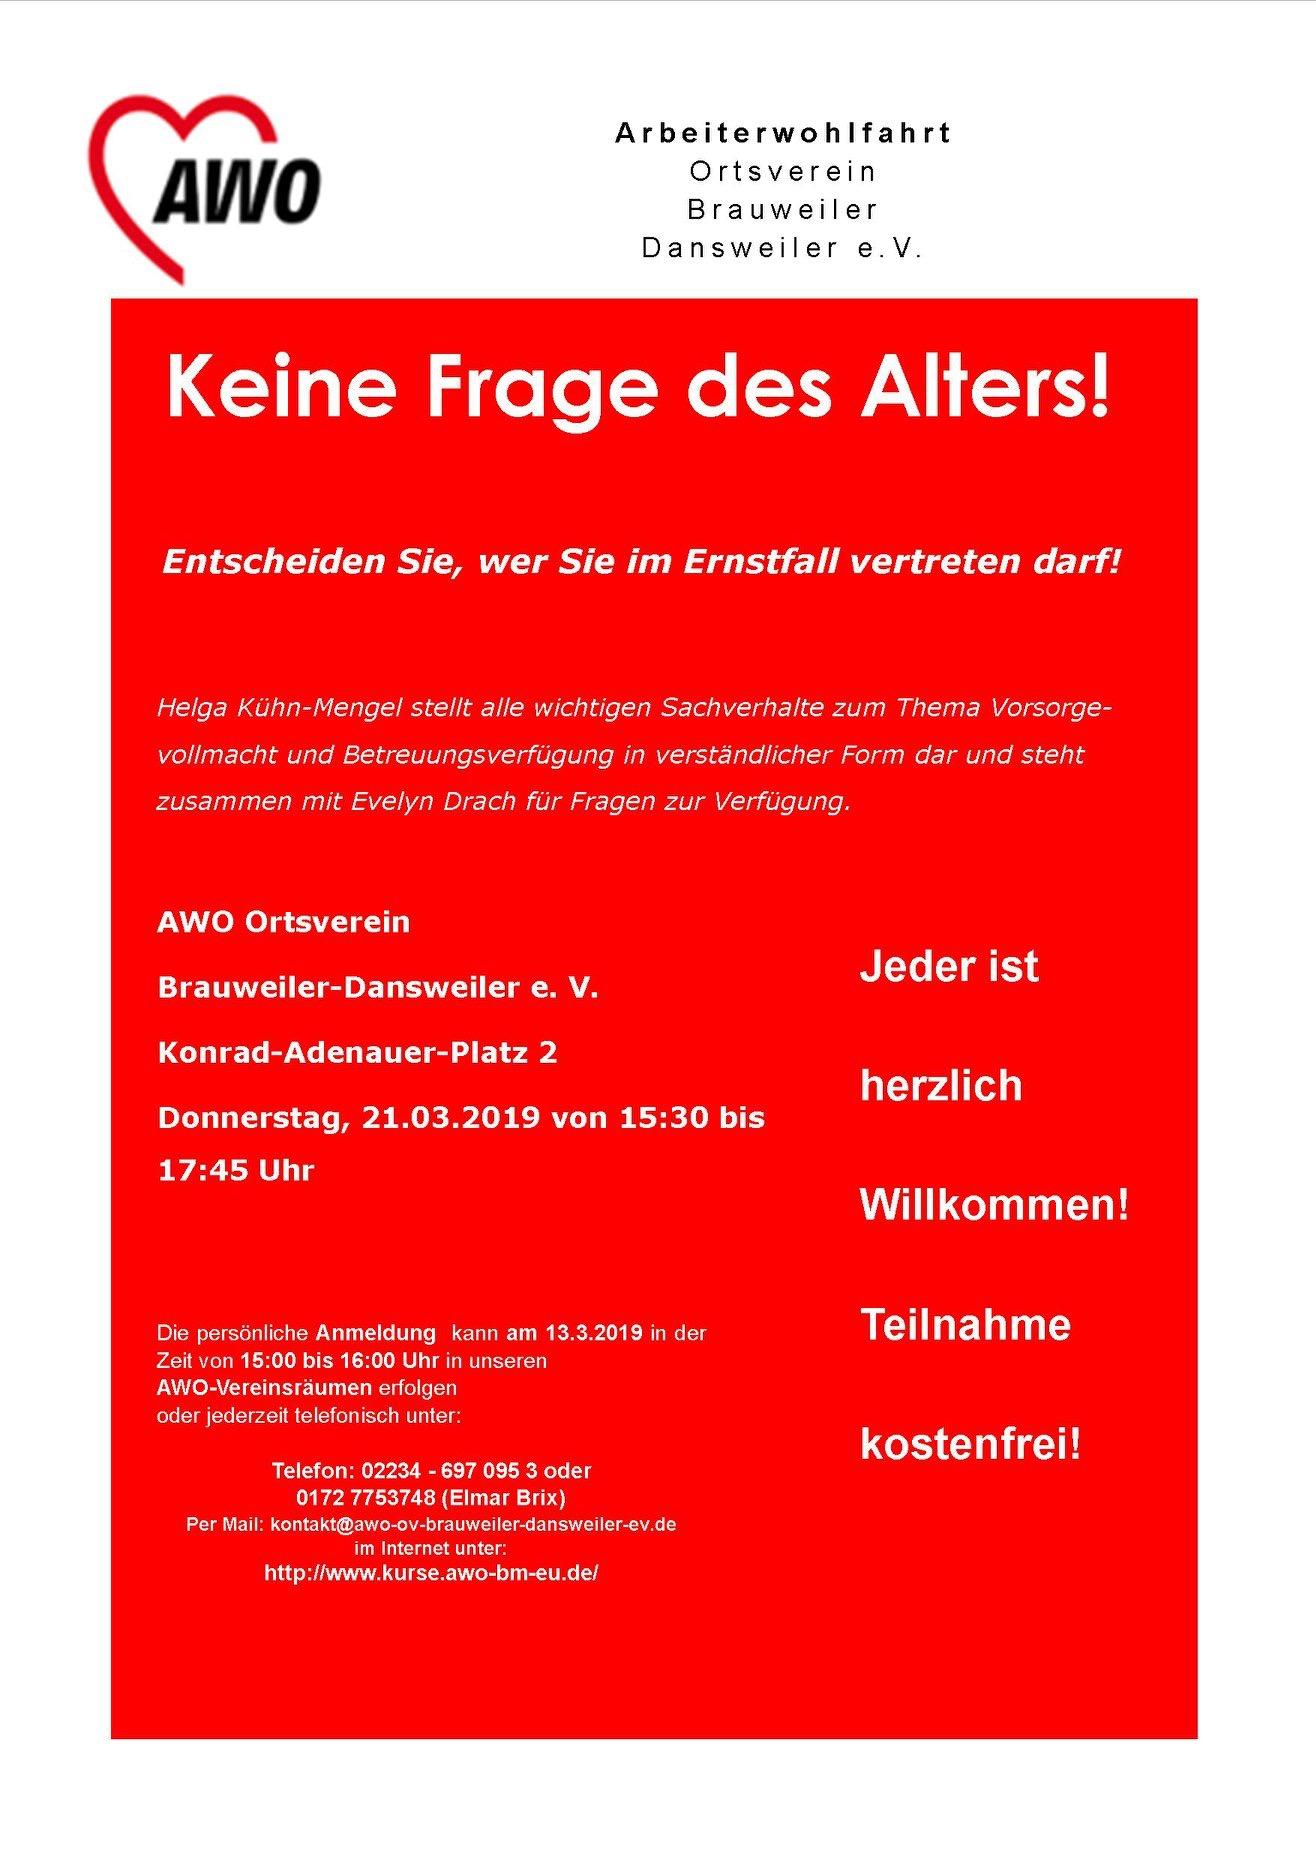 AWO: Vortrag zur Vorsorgevollmacht und Betreuungsverfügung @ Arbeiterwohlfahrt Ortsverein Brauweiler-Dansweiler e. V.